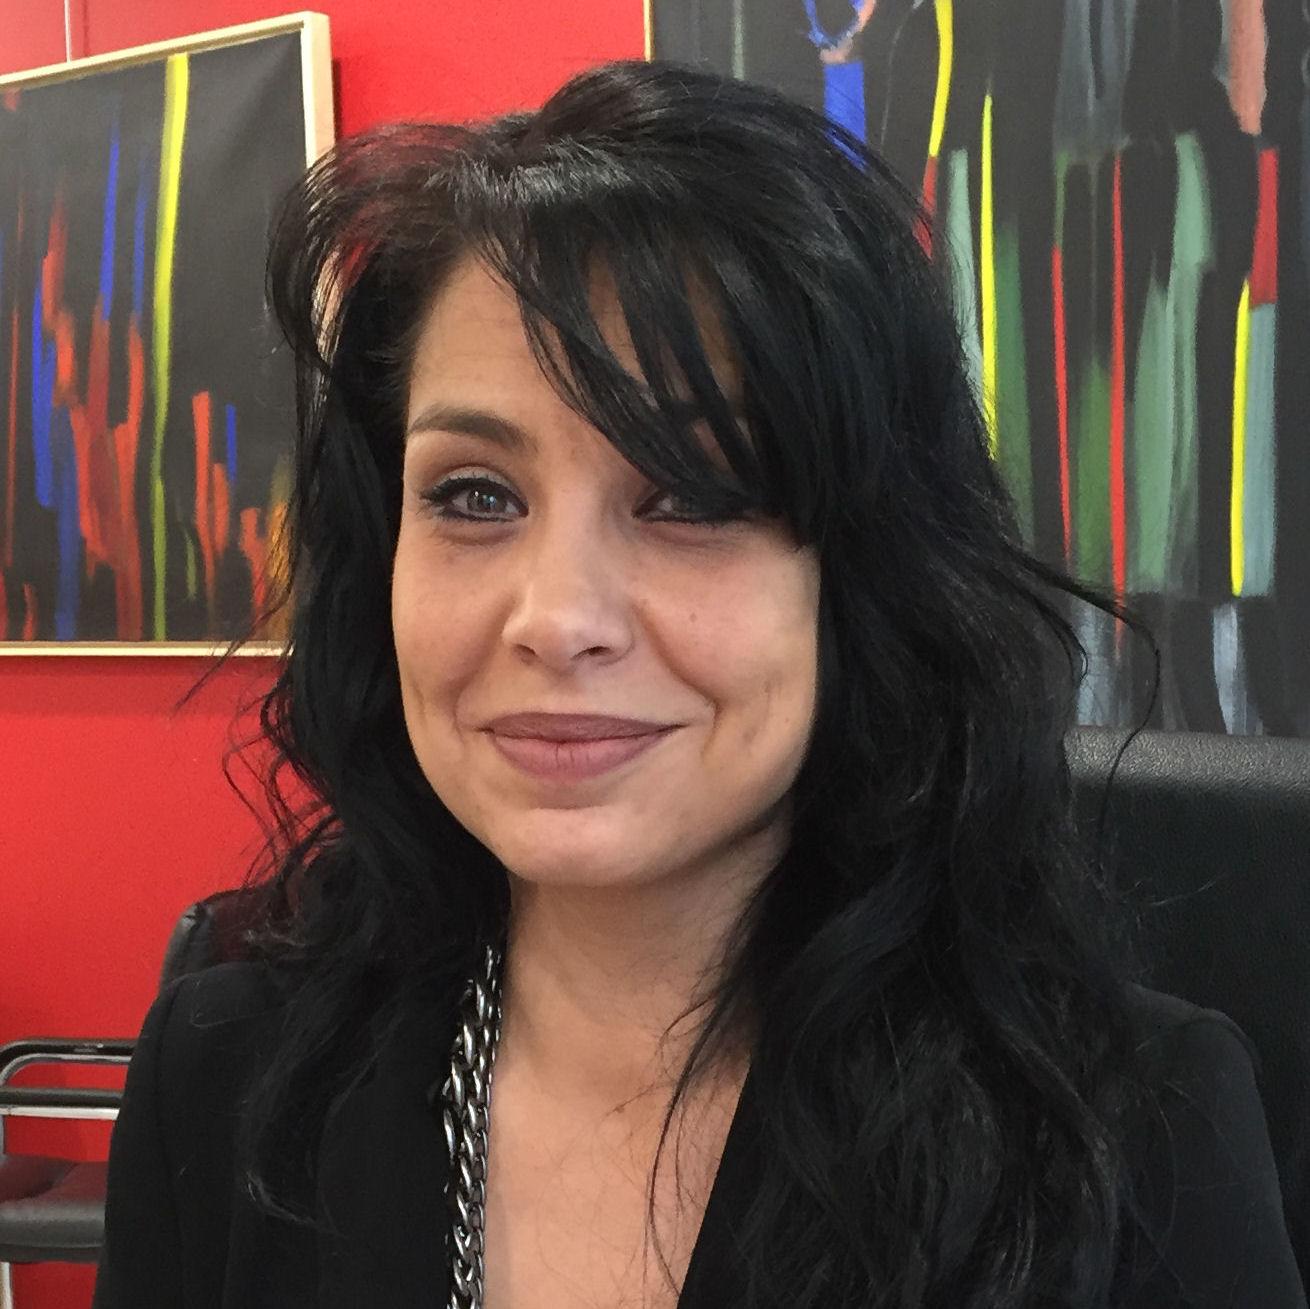 Audrey de l'équipe des audioprothésistes du centre auditif Minitone à Nîmes.